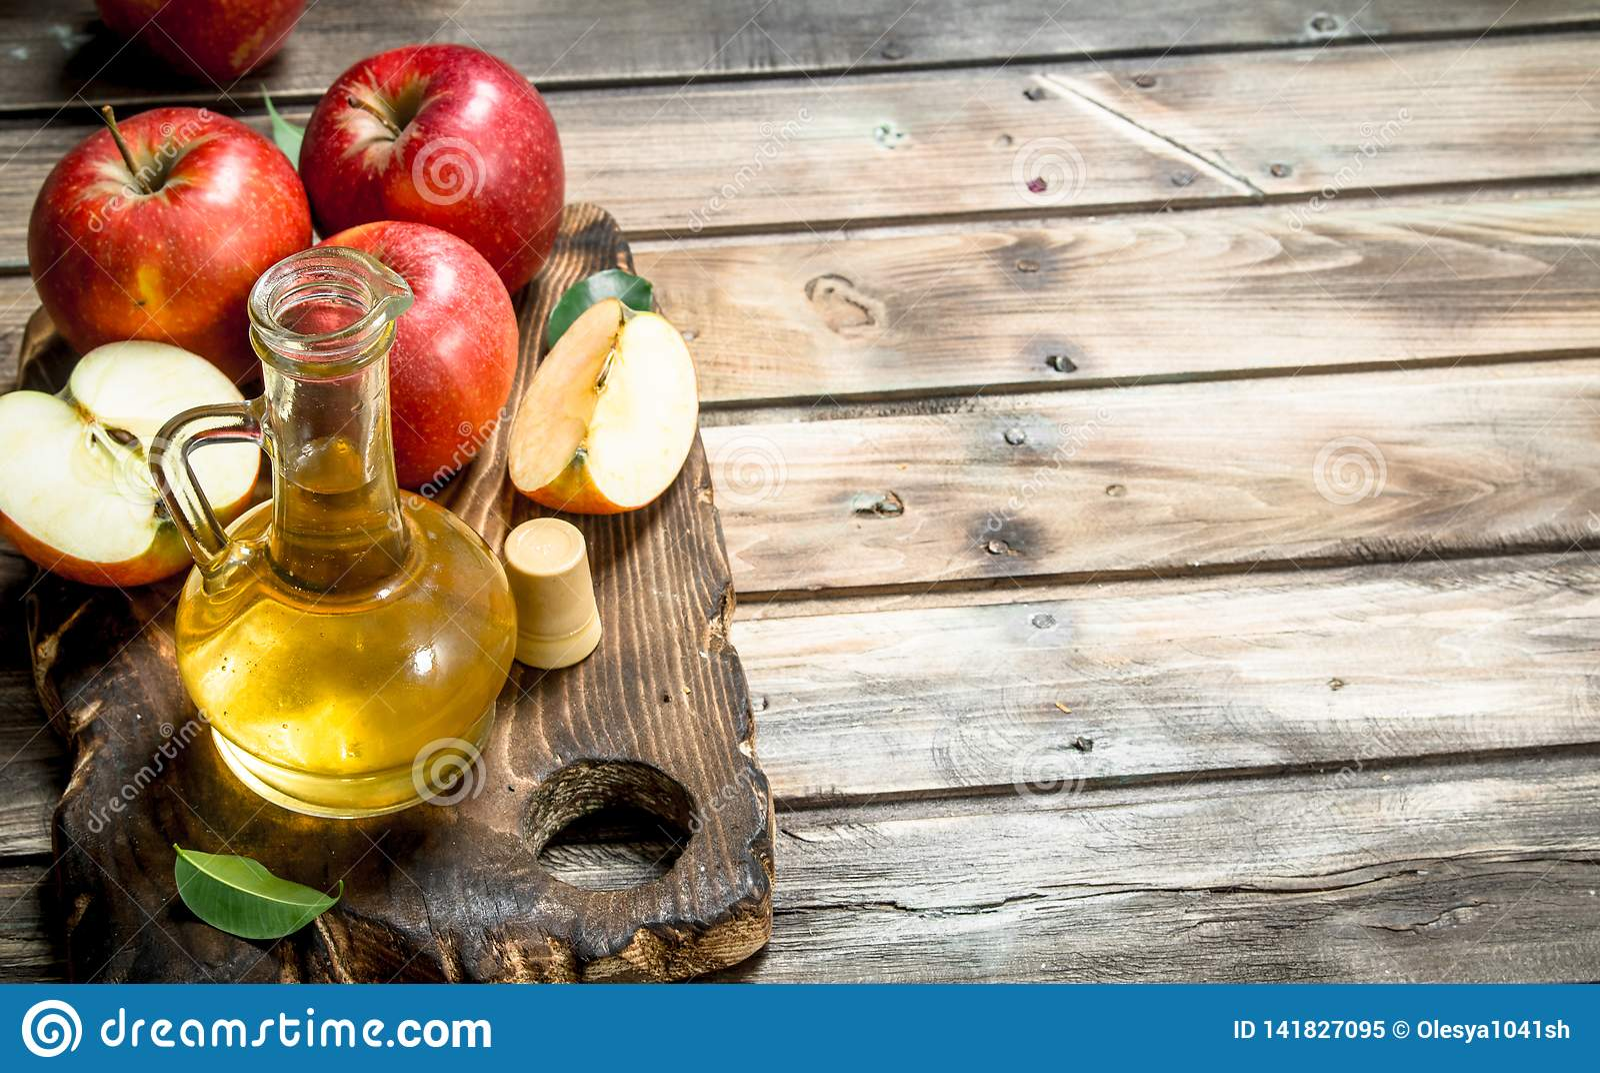 Apple-ciderazijn met verse rode appelen op een scherpe Raad